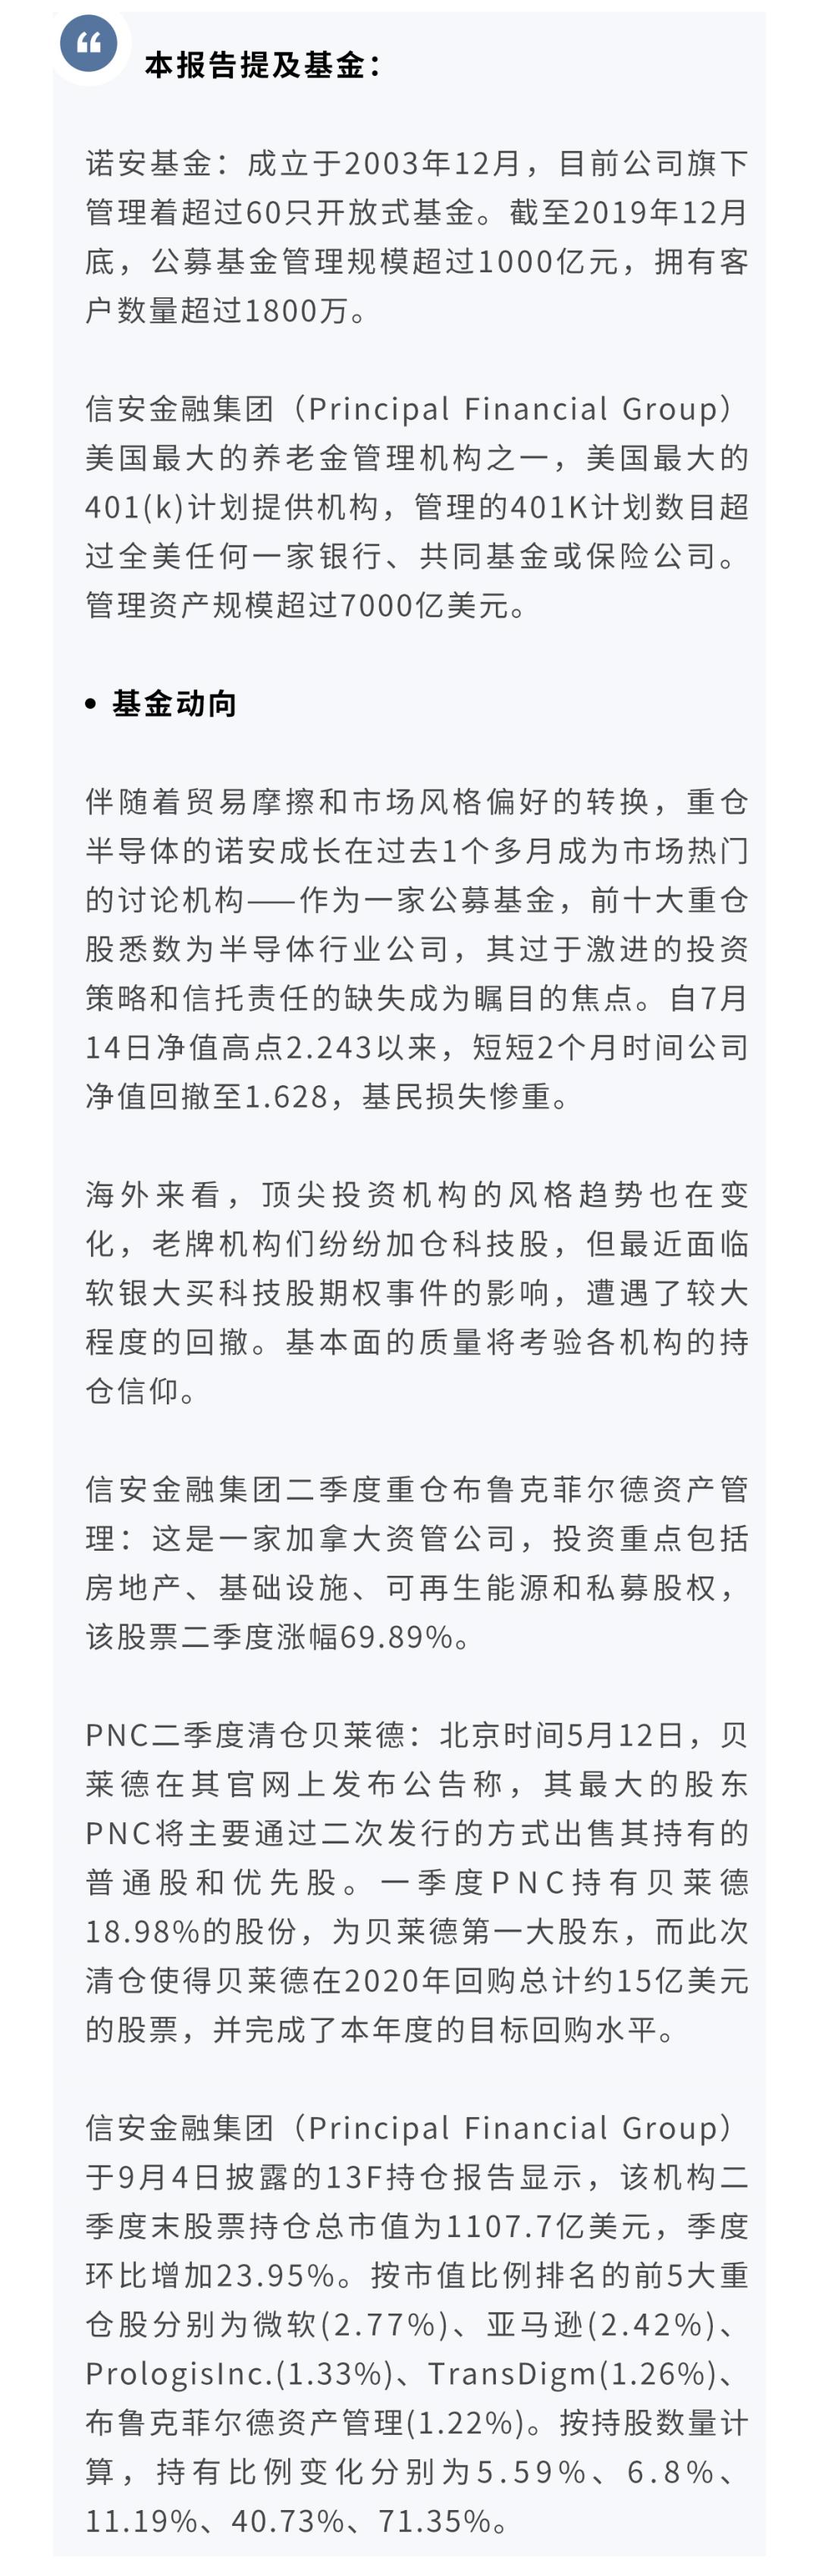 【今日推荐】超级资管跟踪第4期:重仓半导体的烦恼